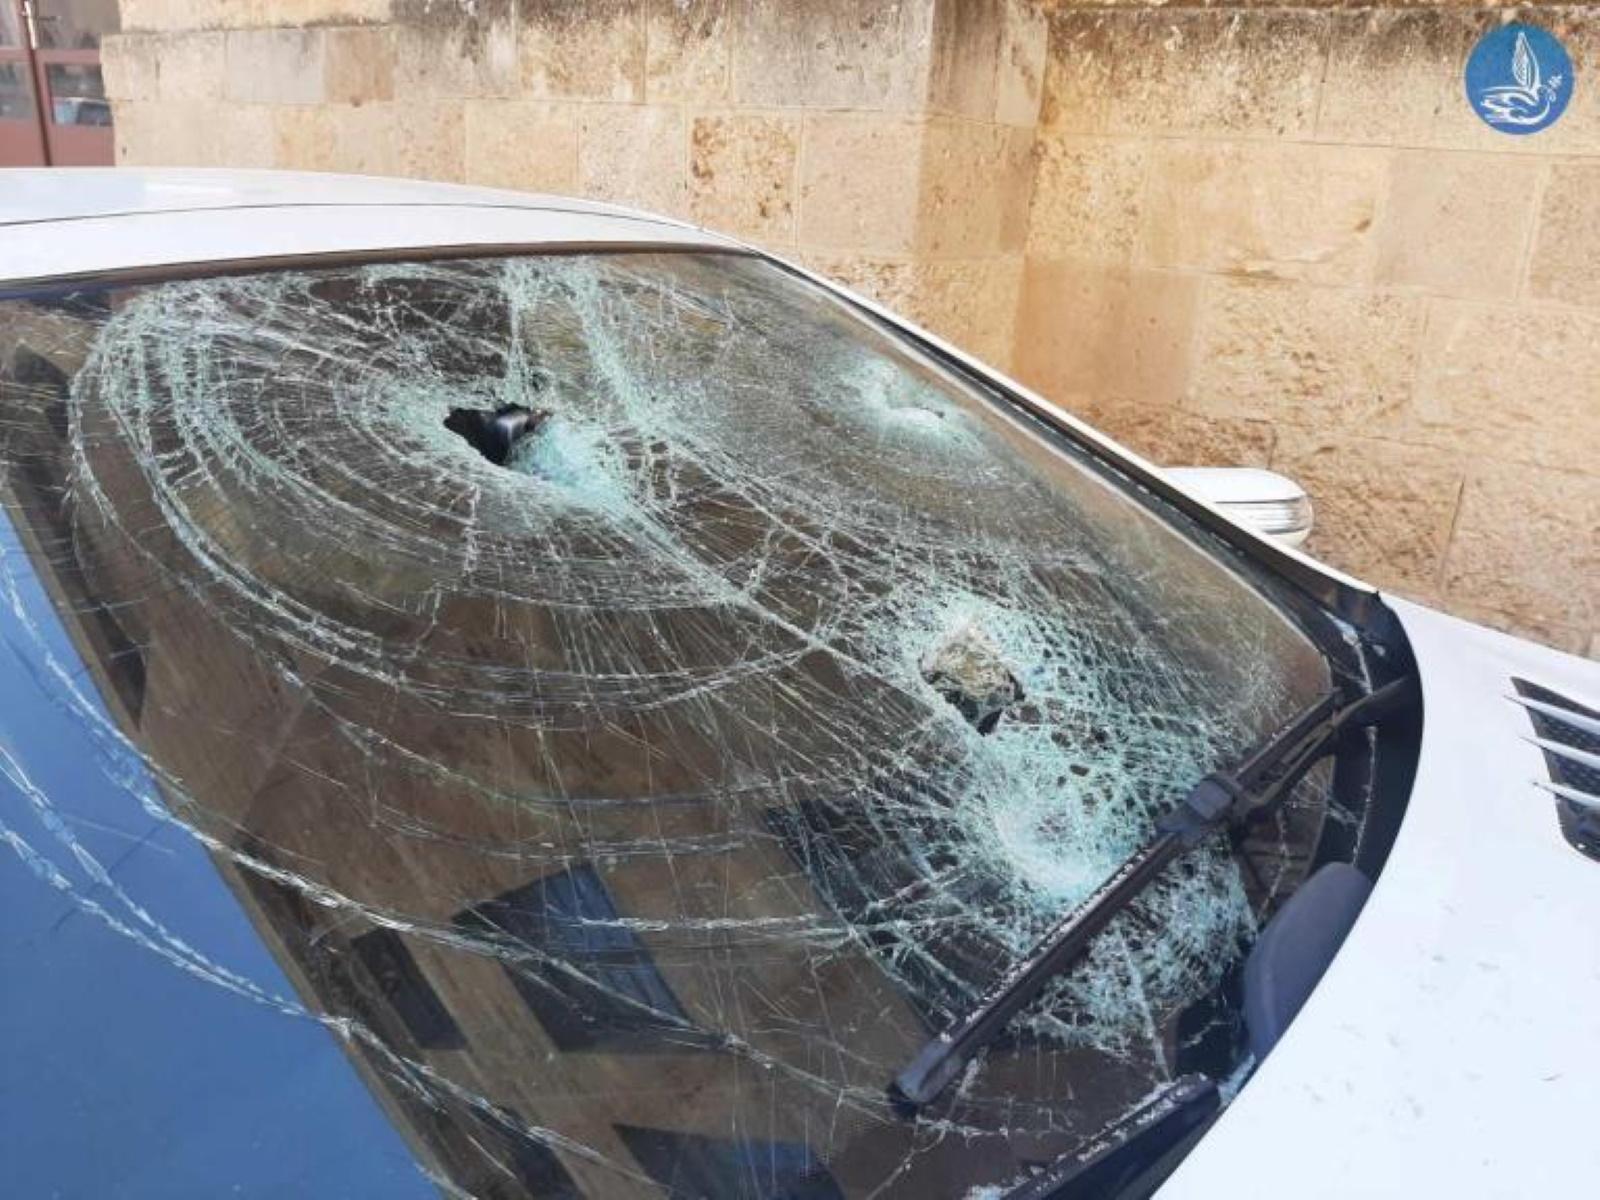 Ρόδος: Υπαστυνόμος μαινόμενος στο γραφείο του διευθυντή του – Δεύτερη επίθεση με όπλο και βαριοπούλα